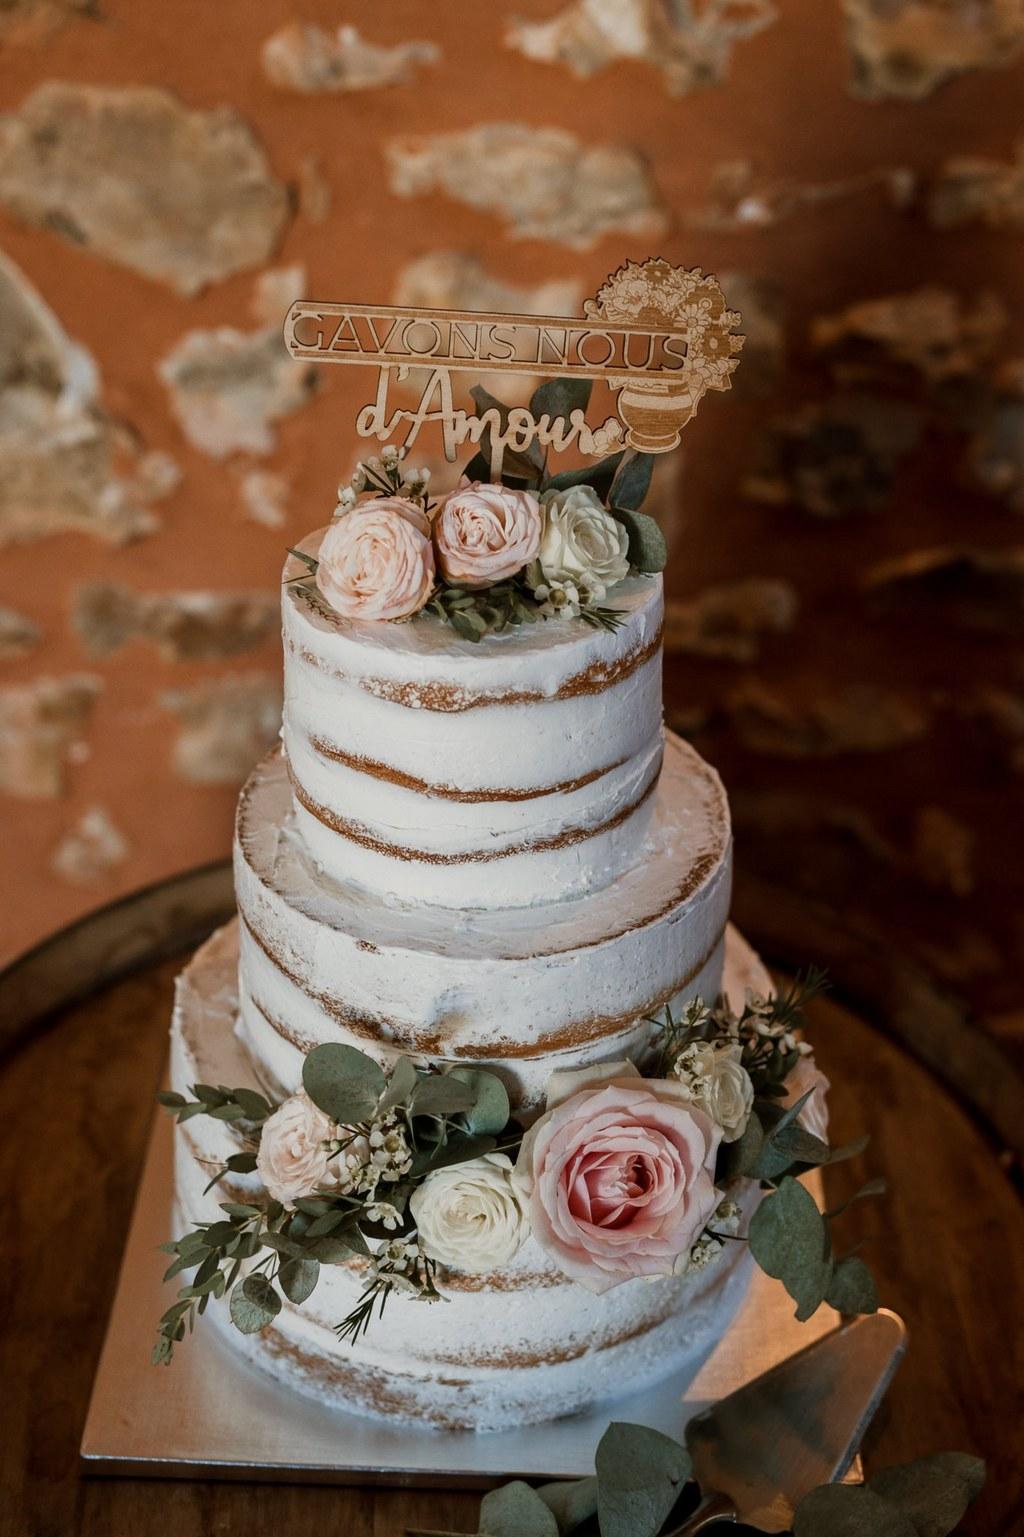 """Wedding cake et cake topper """"gavons-nous d'amour"""" // Shooting d'inspiration publié sur Wedding by Fabiola"""